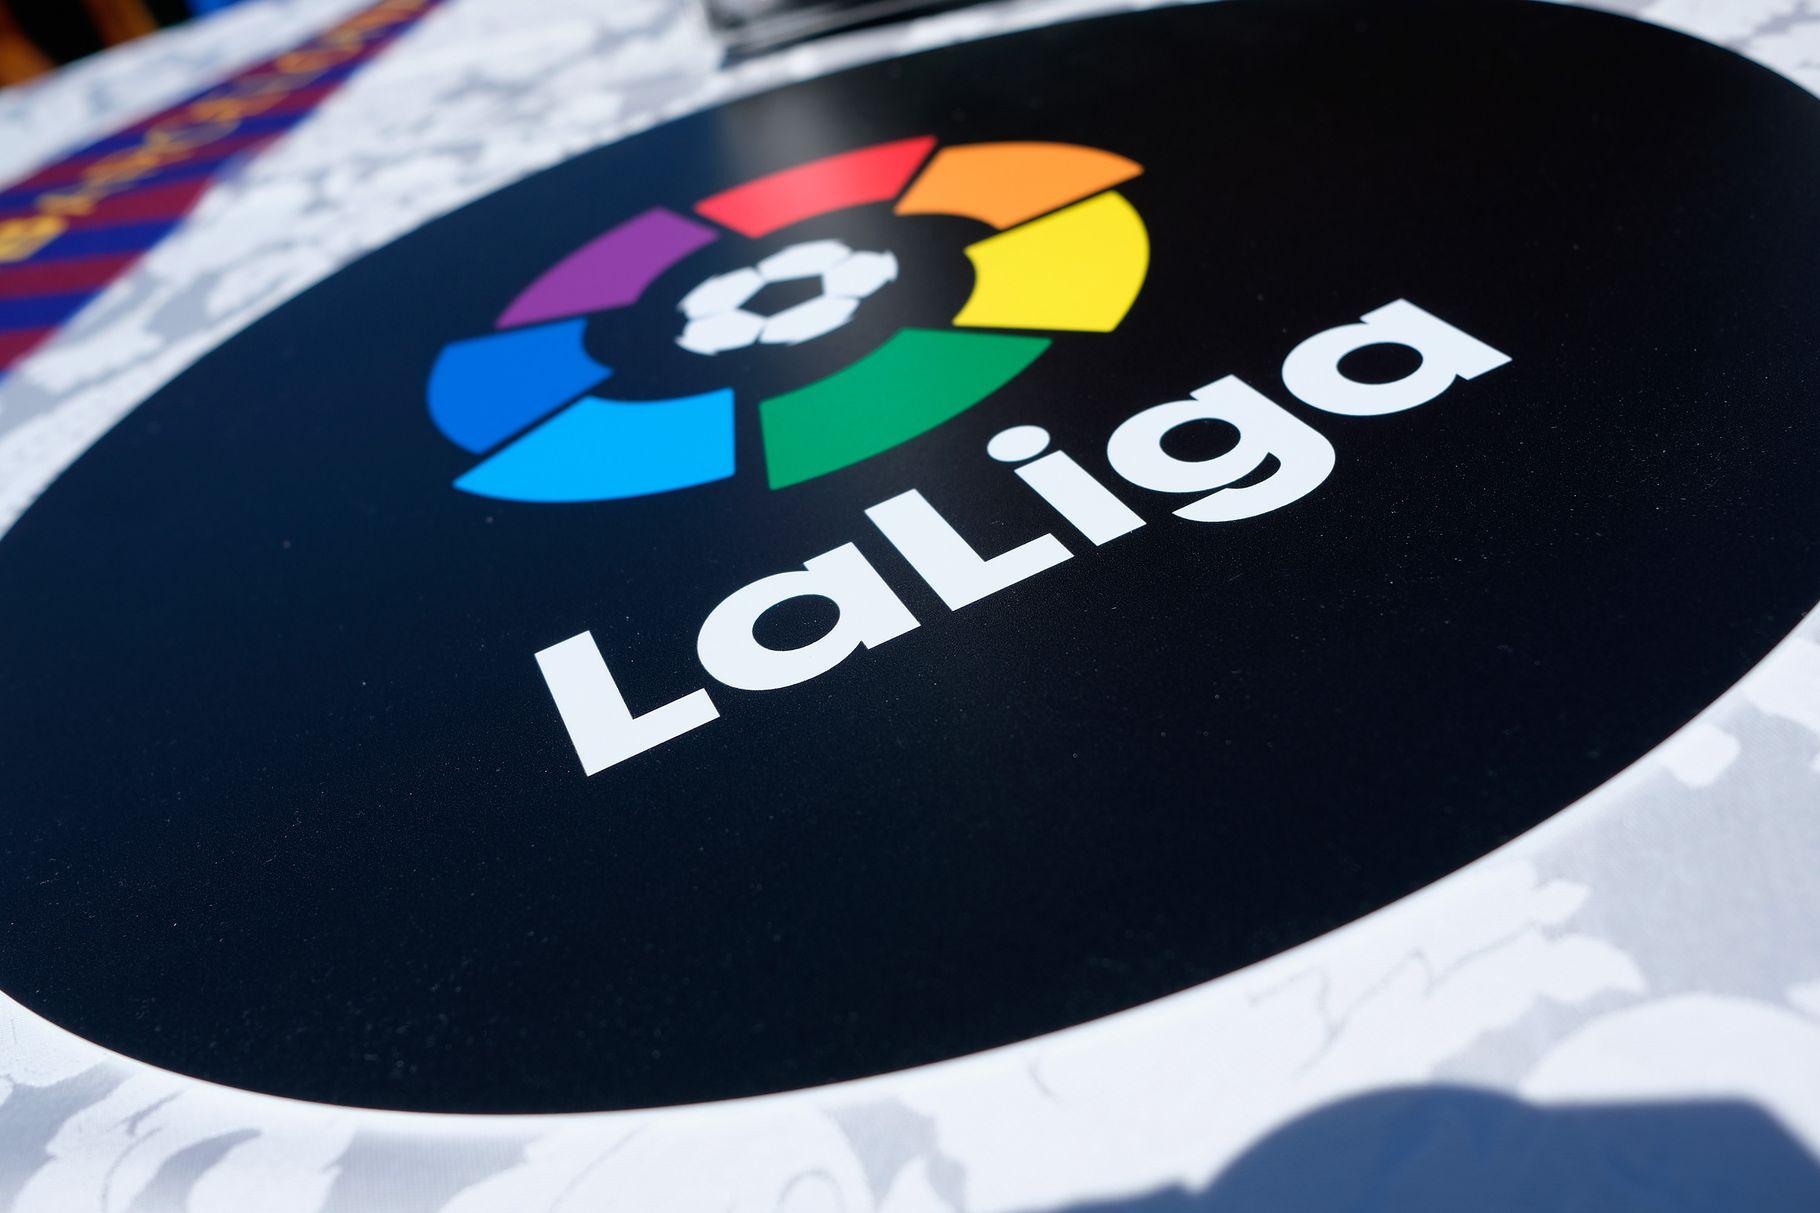 la-ligua-rgpd.jpg